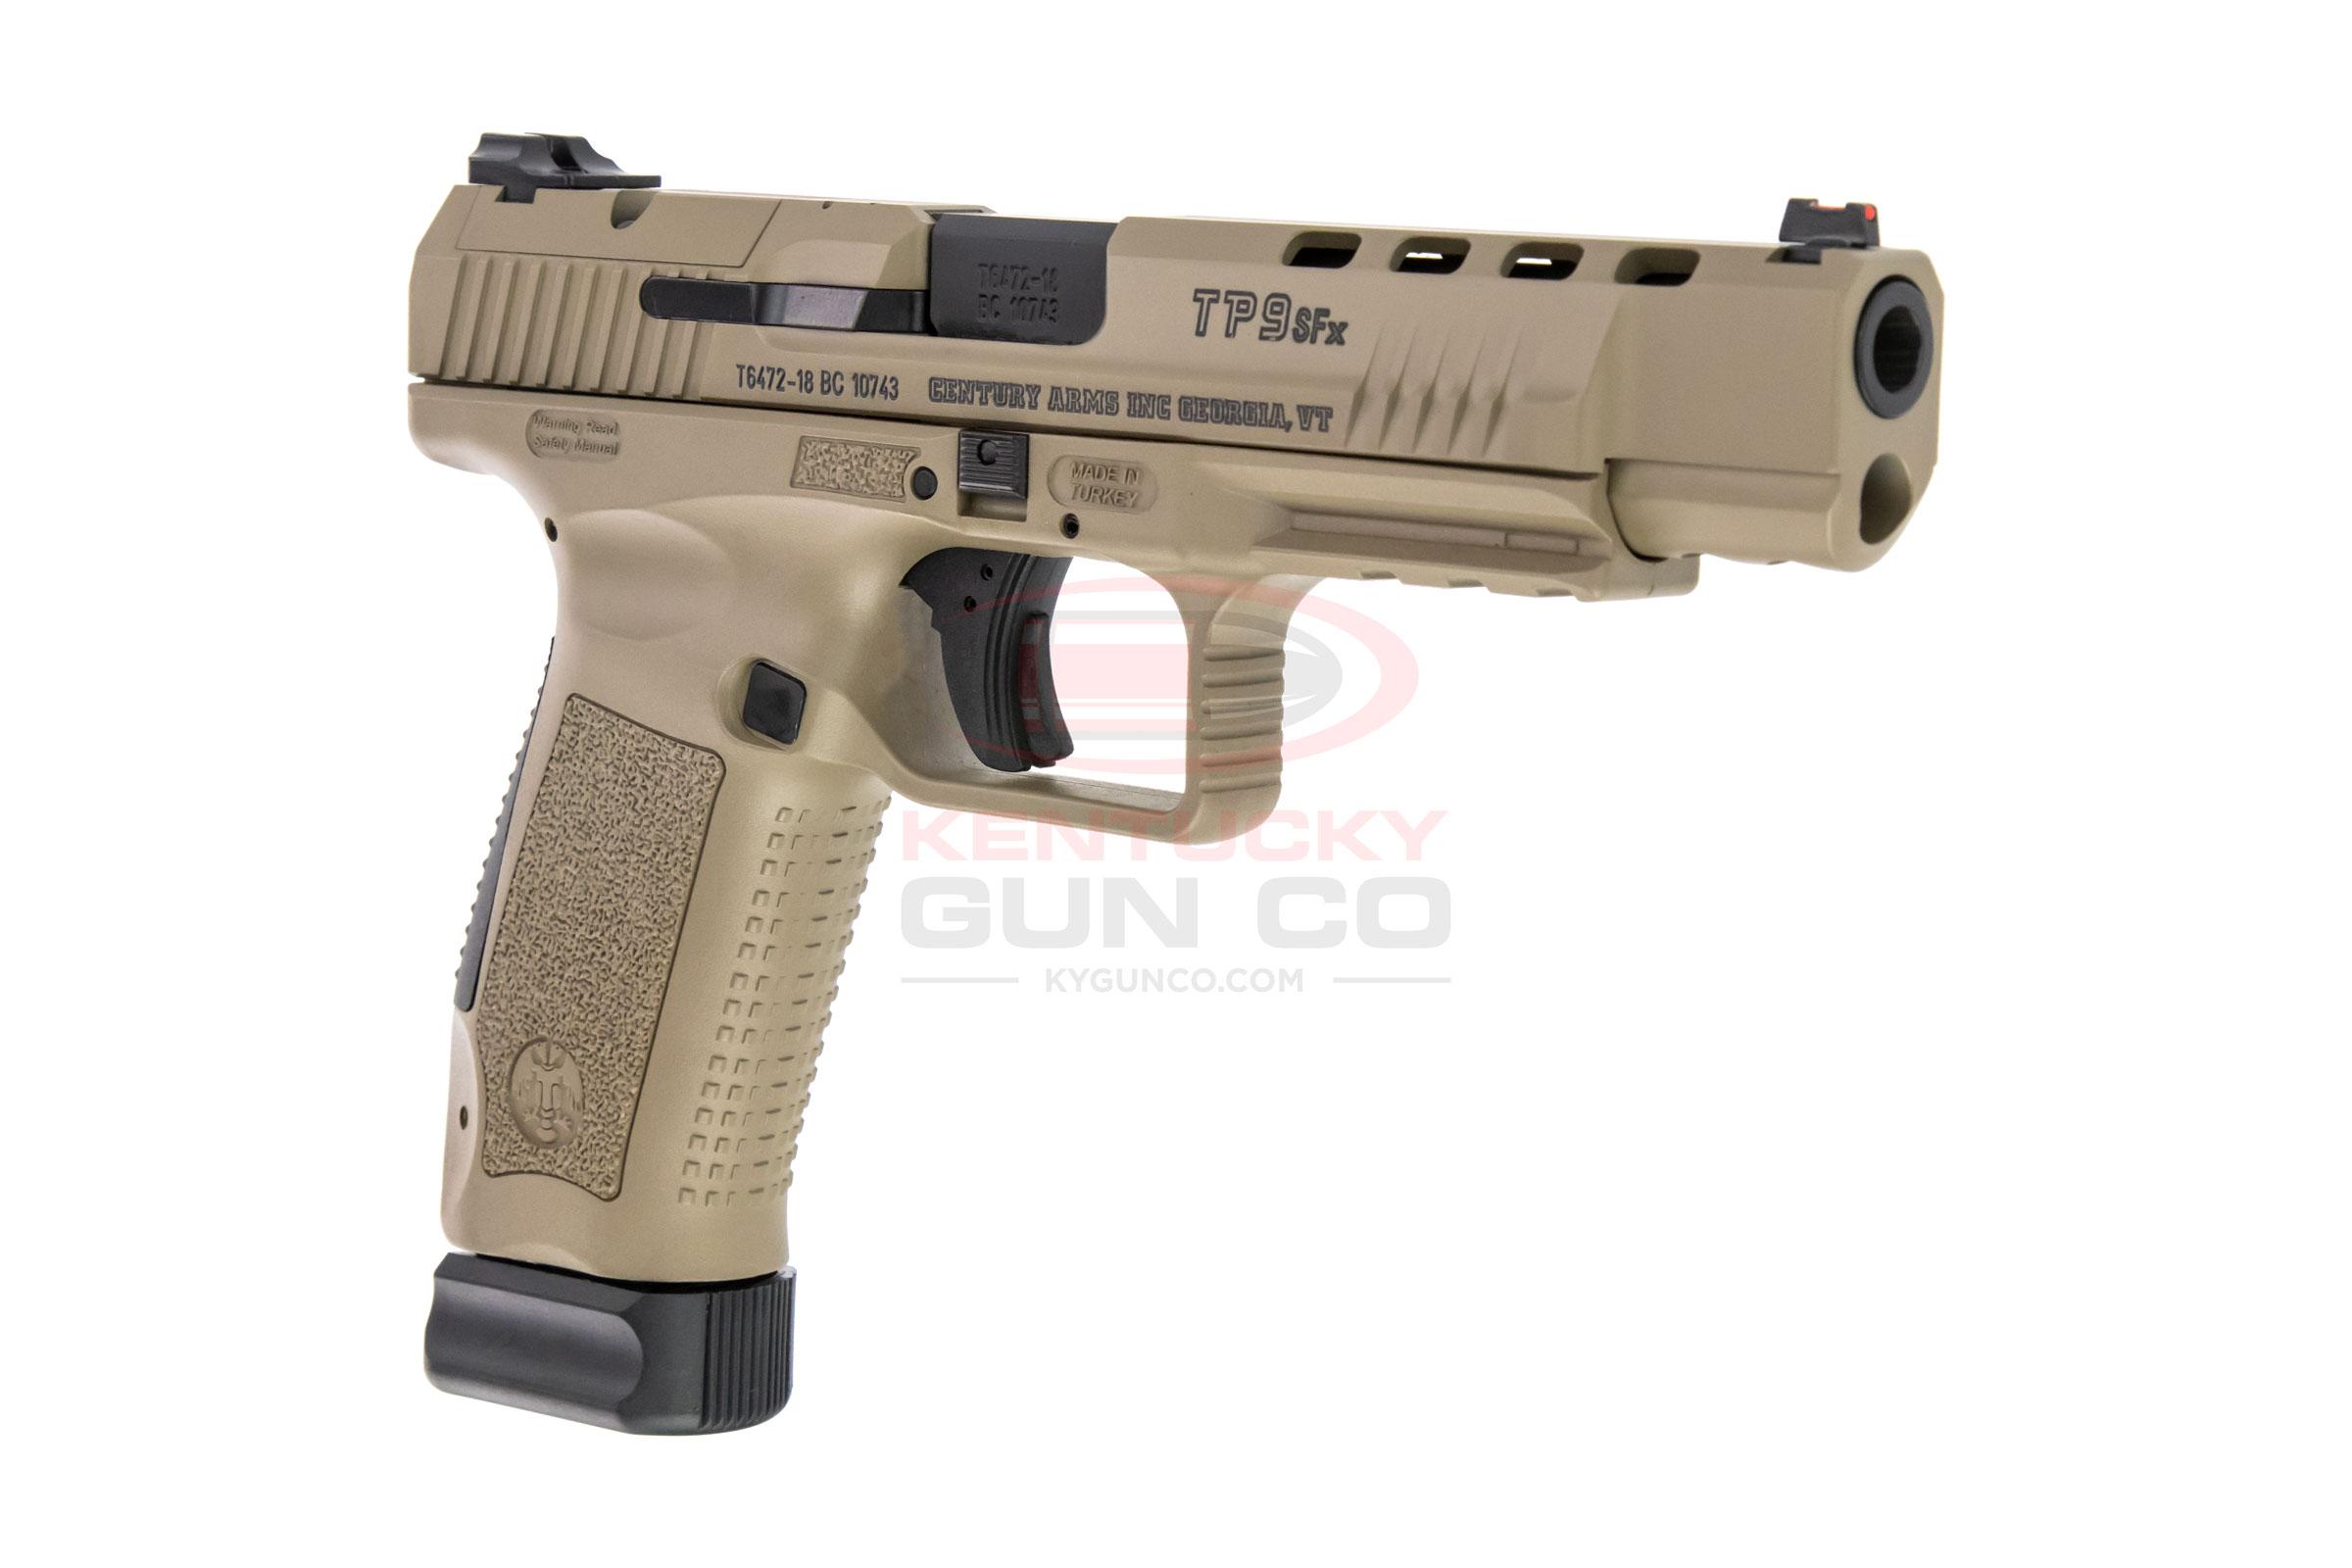 Canik TP9SFx 9mm Desert Tan